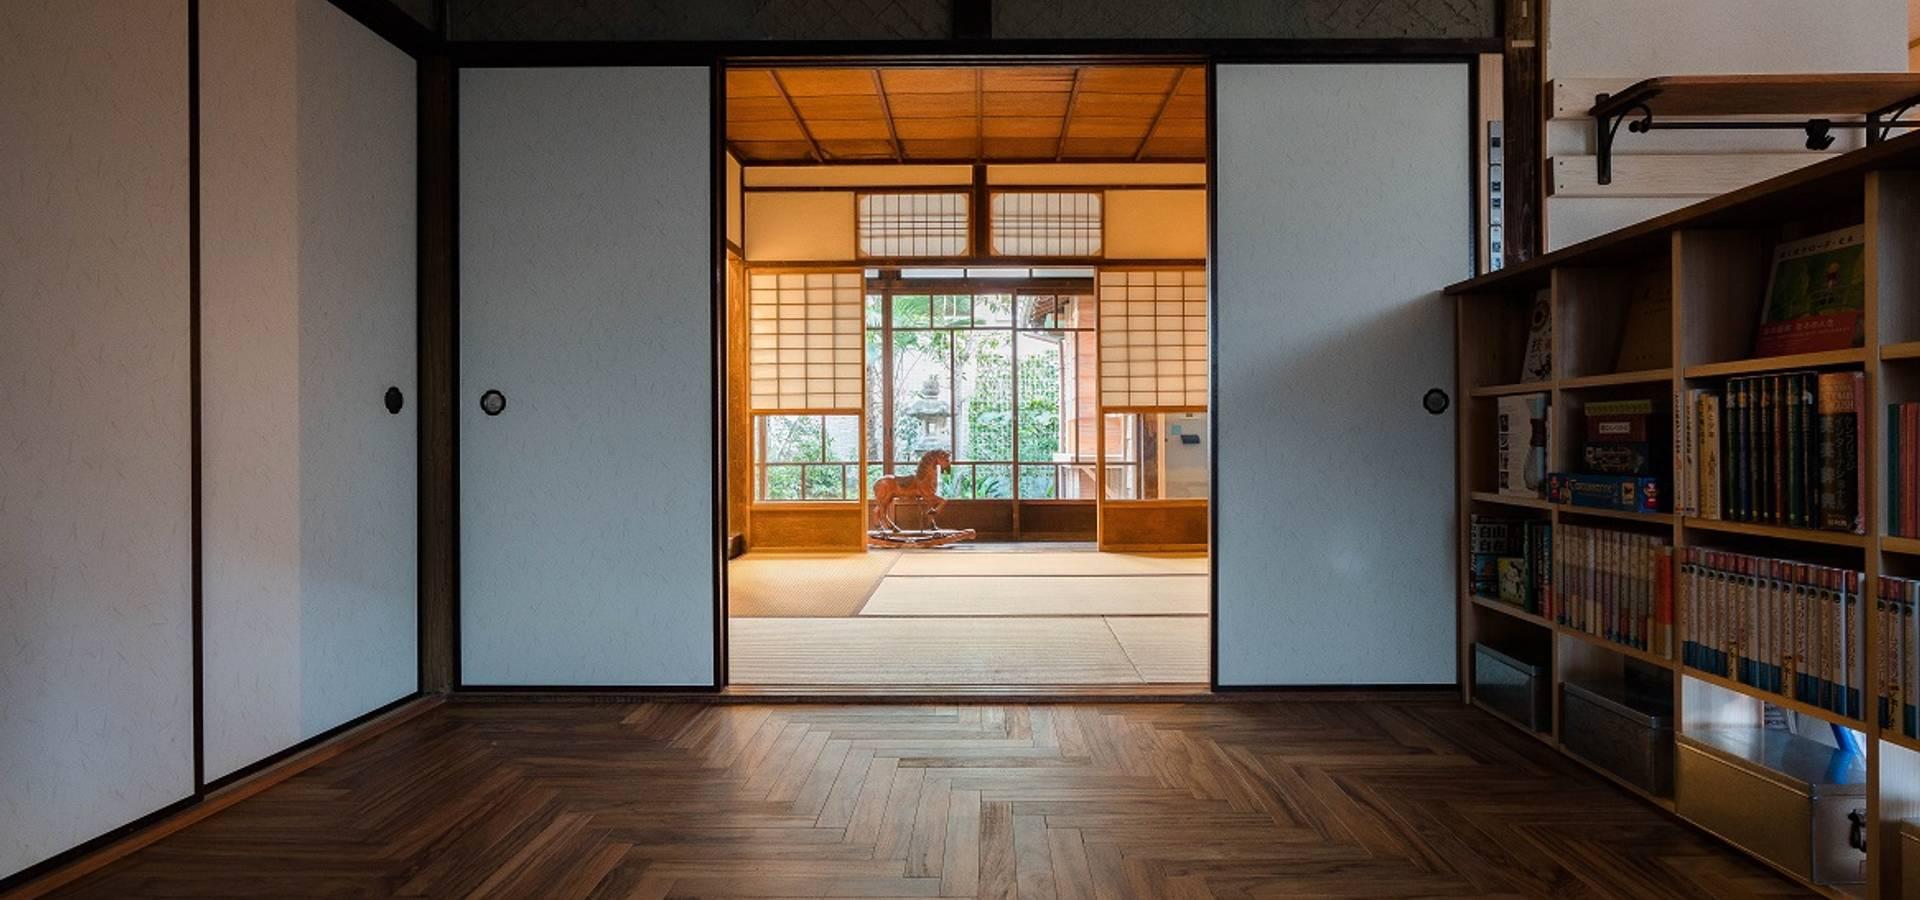 一級建築士事務所 高橋良彰建築研究所